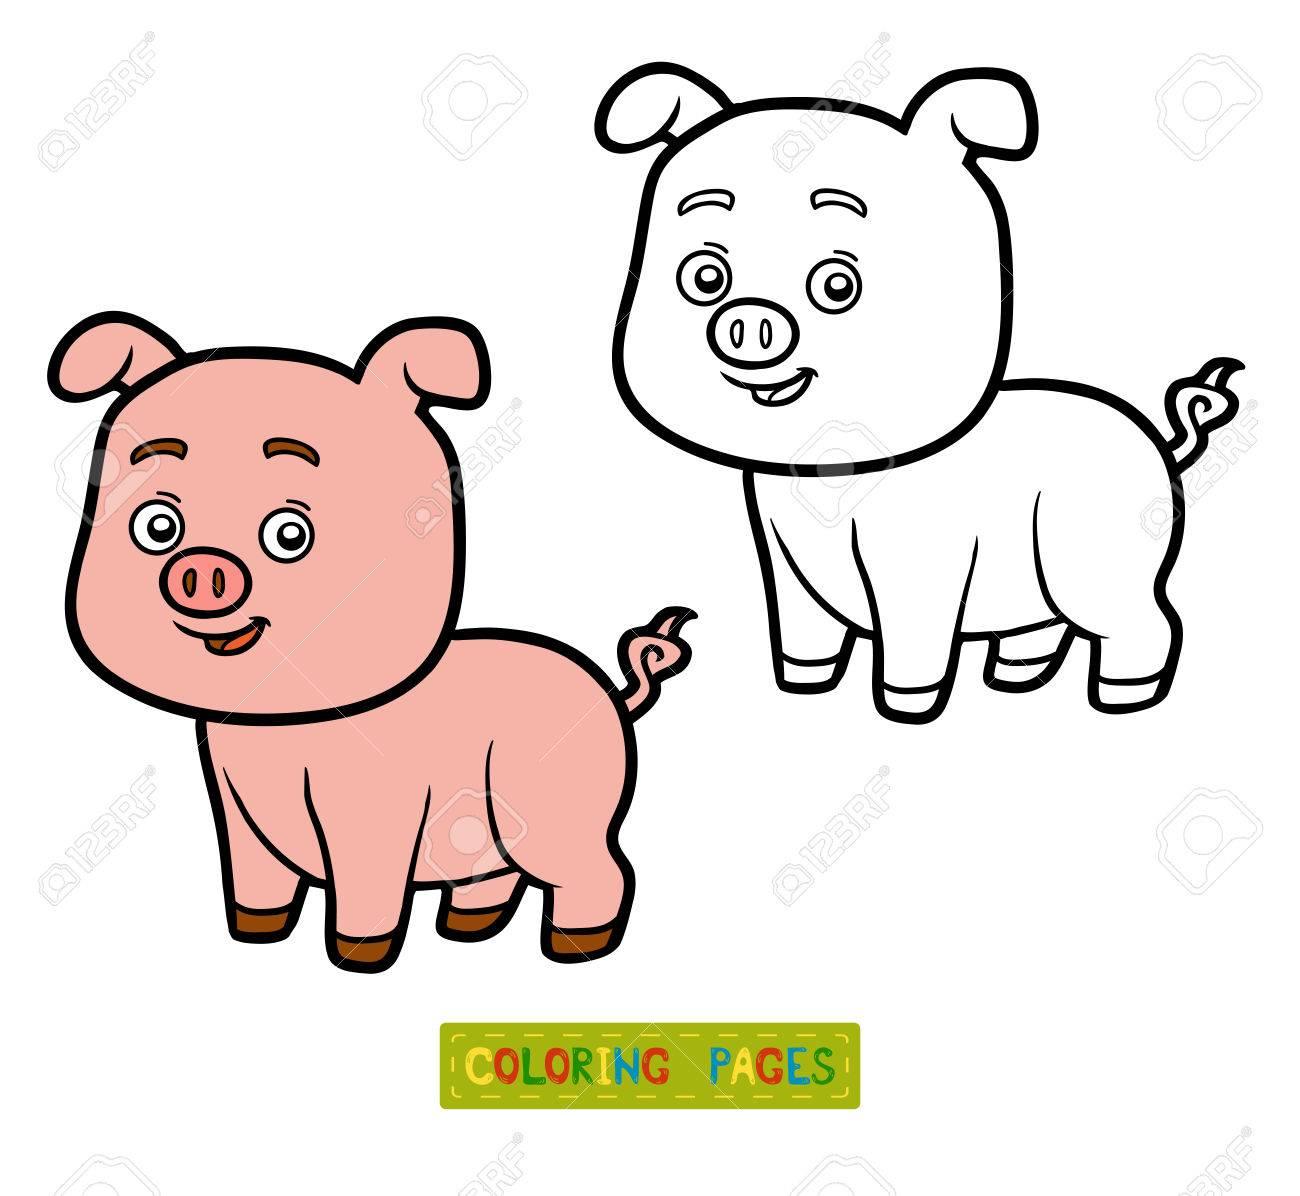 Malbuch Für Kinder, Malvorlagen Mit Schweinchen Lizenzfrei Nutzbare ...